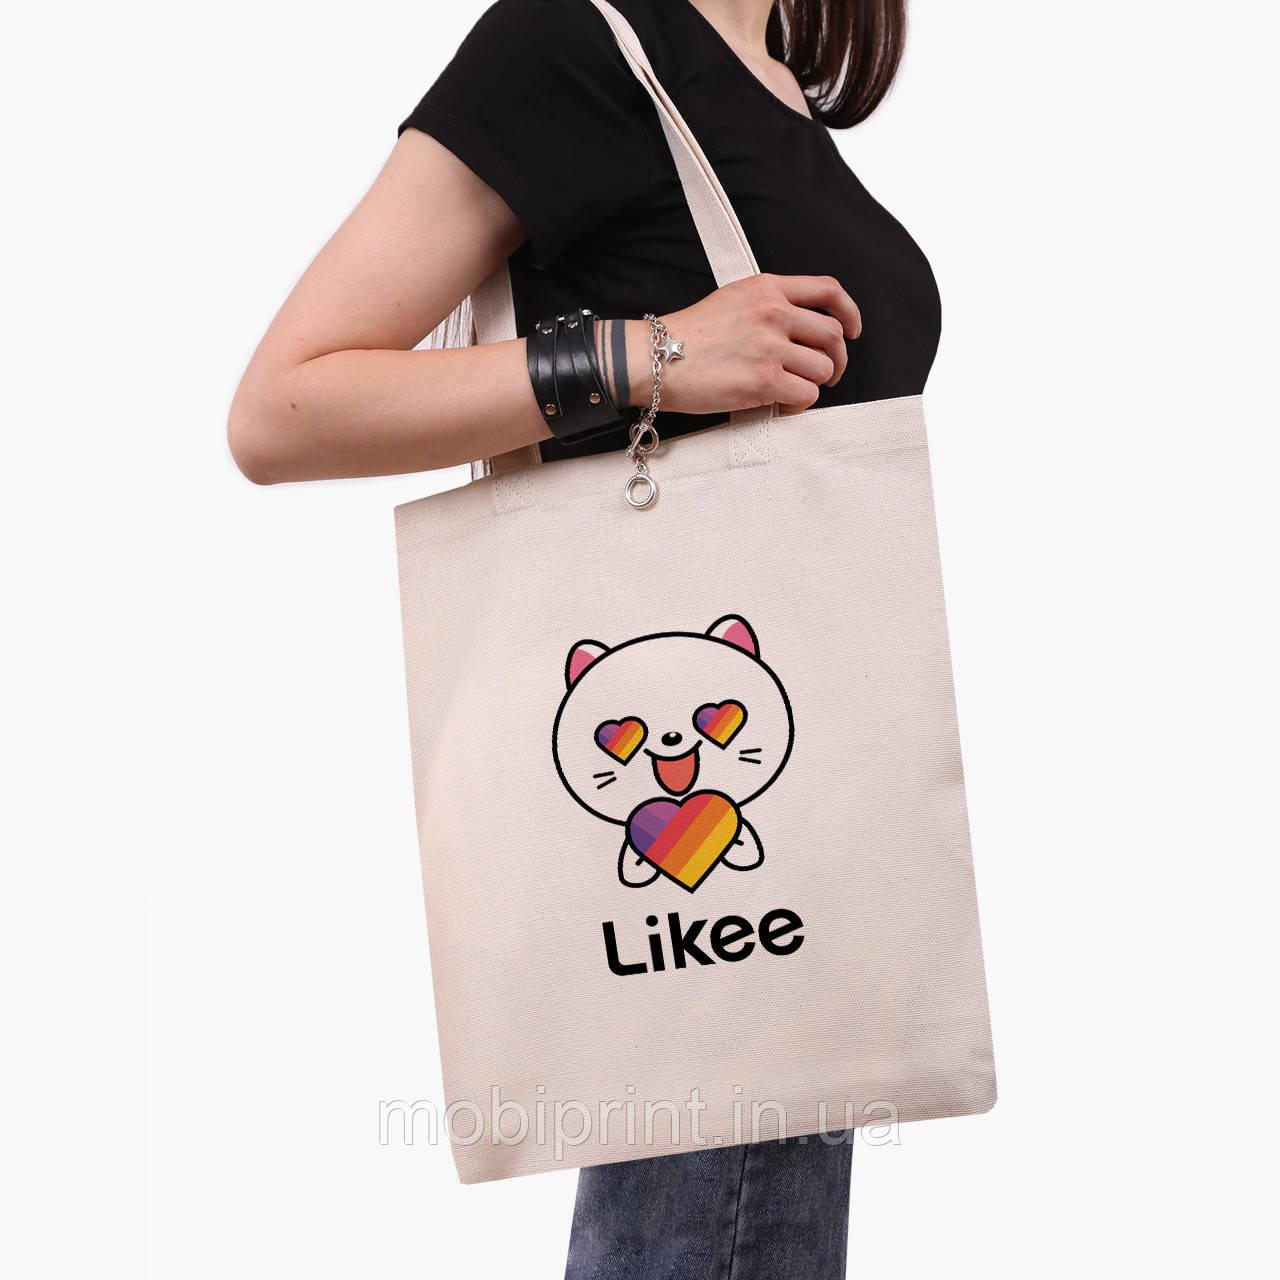 Эко сумка шоппер Лайк Котик (Likee Cat) (9227-1036)  экосумка шопер 41*35 см